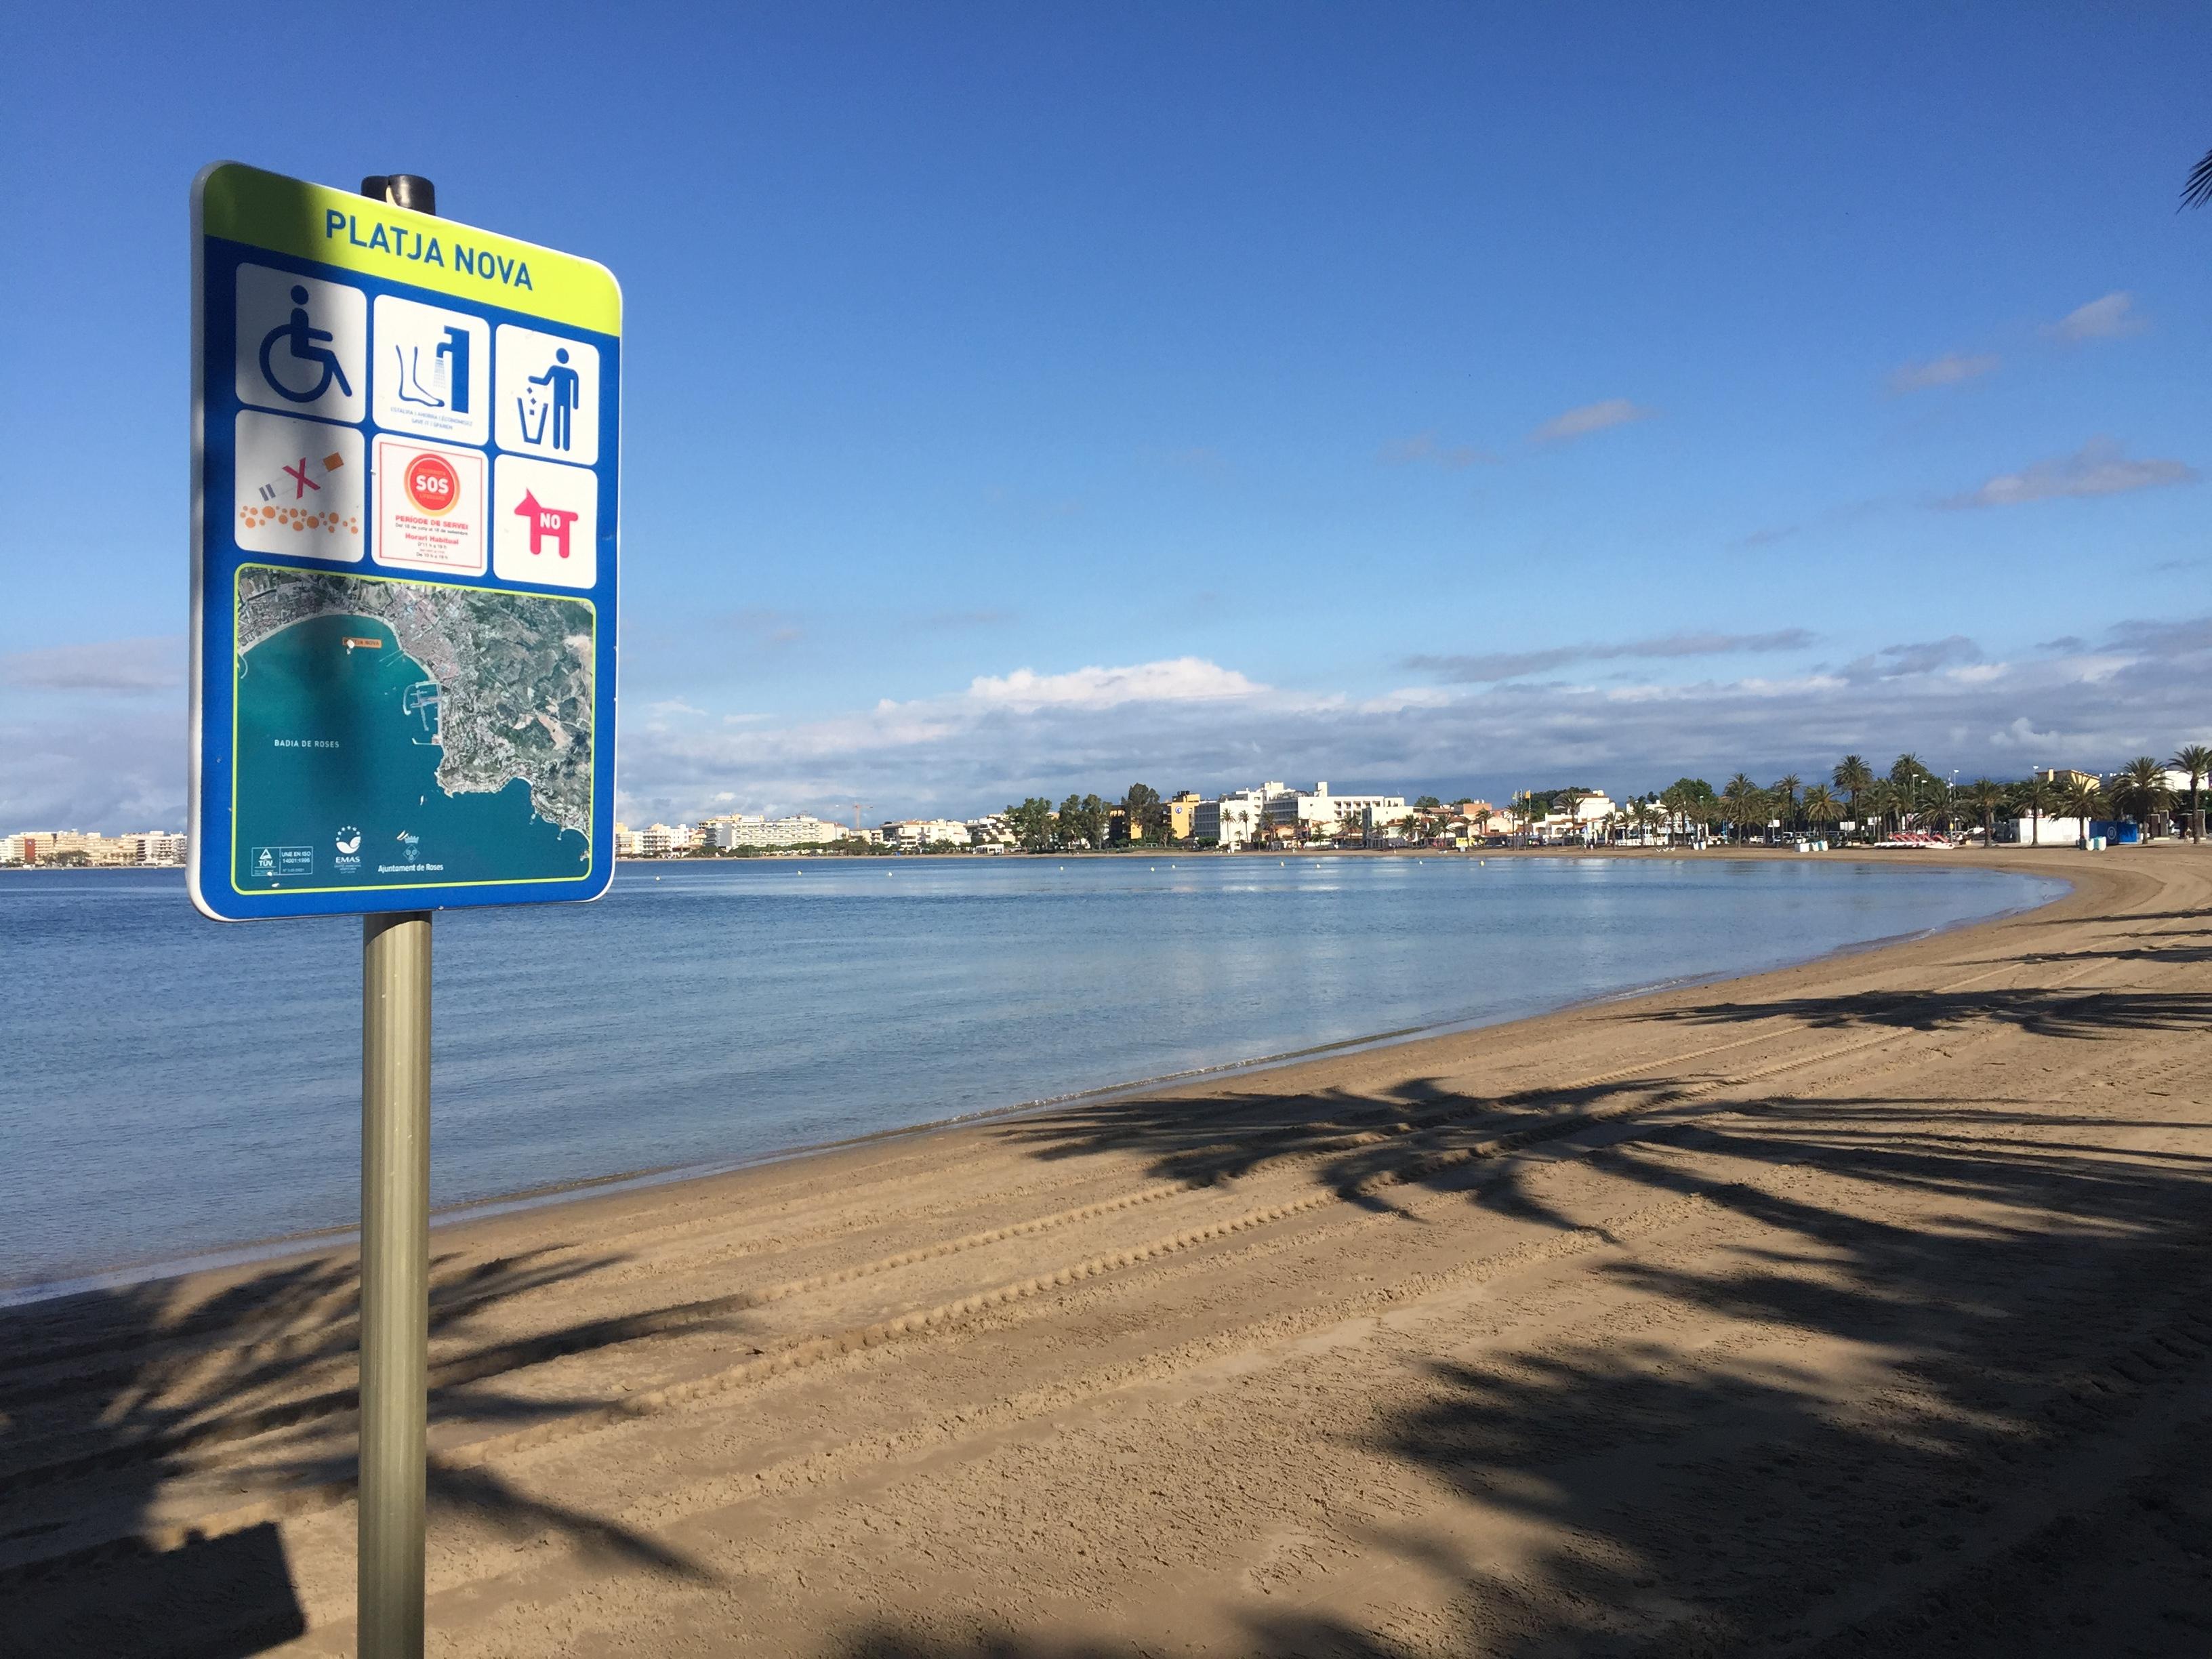 Les platges de La Punta i Nova es posen a punt per a la temporada de bany